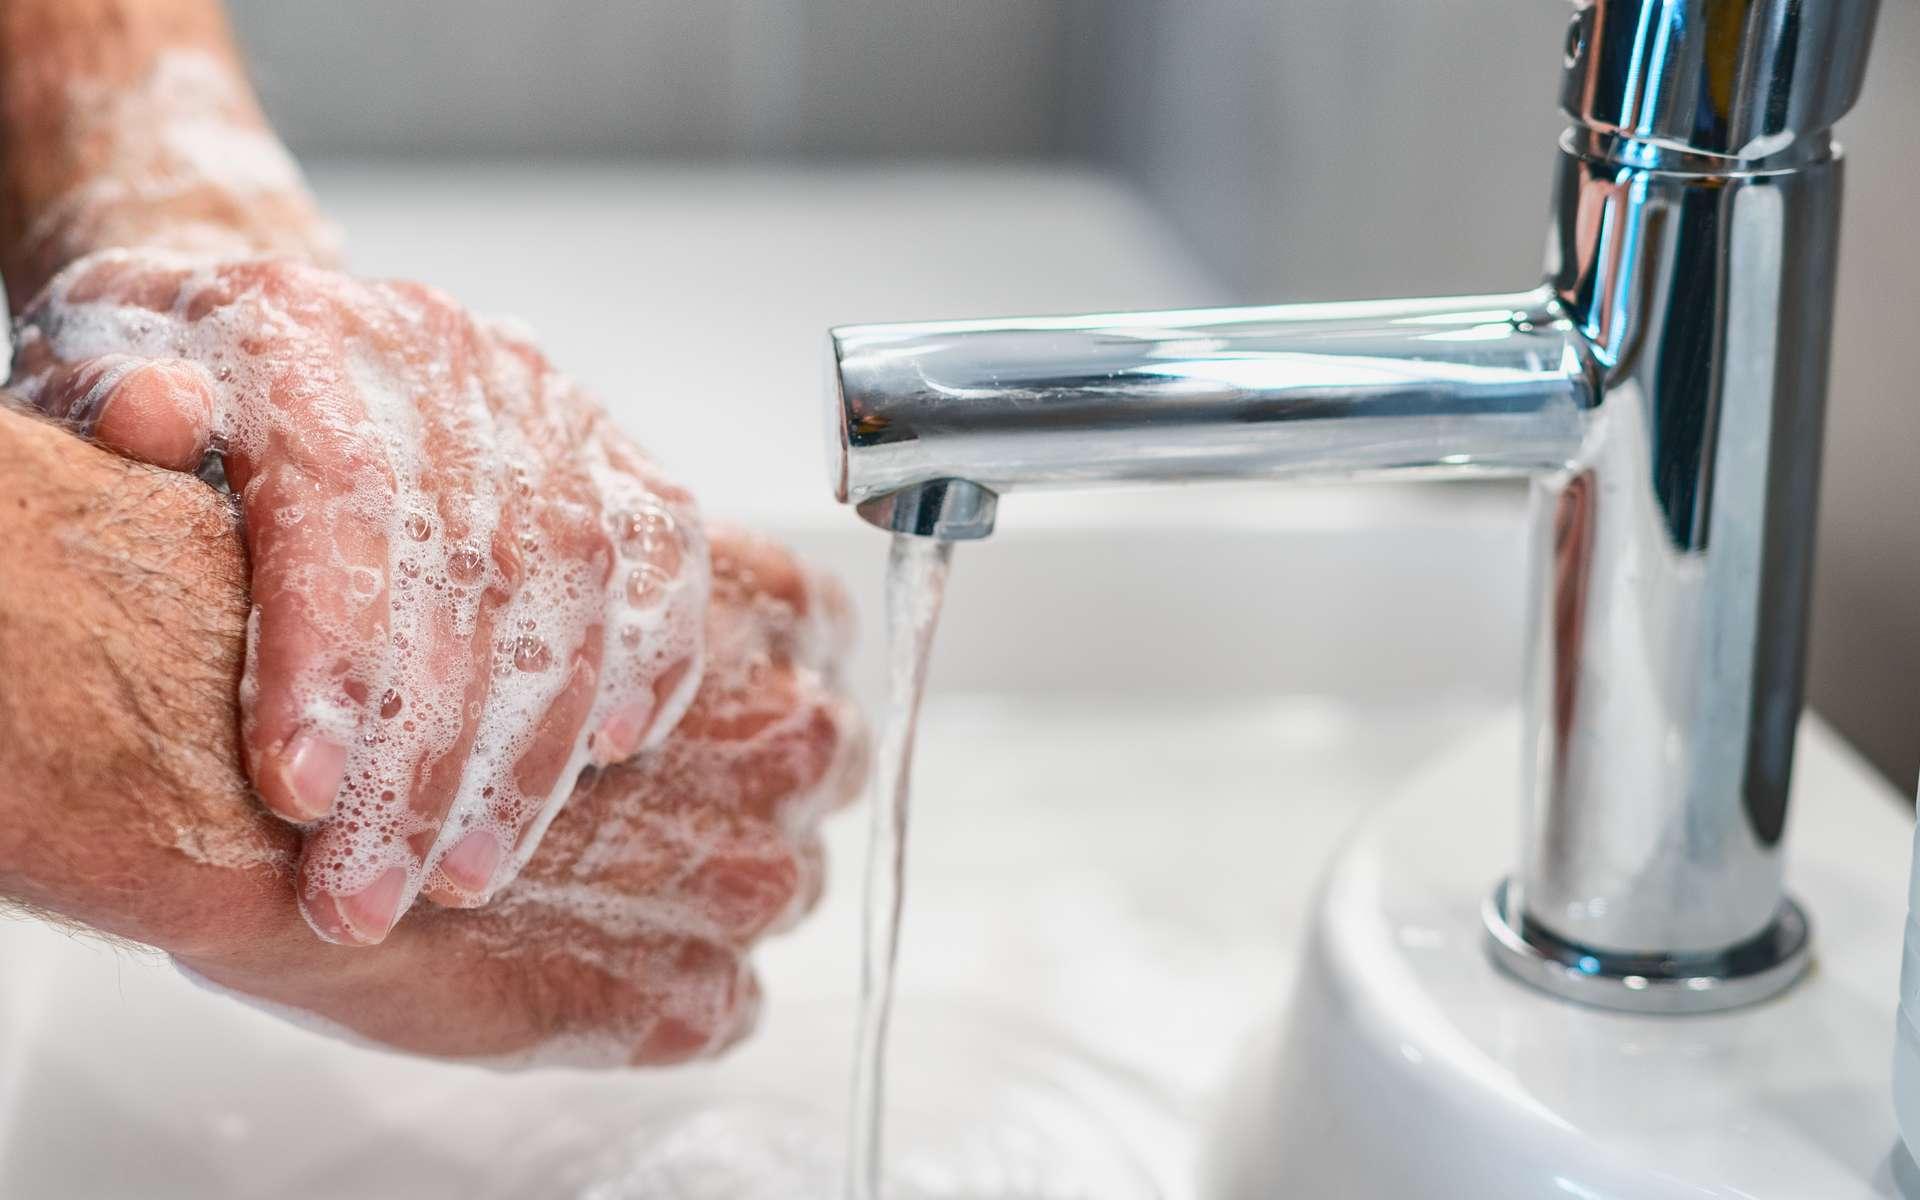 Se laver les mains est essentiel pour se protéger de l'épidémie de coronavirus. © Maridav, Adobe Stock